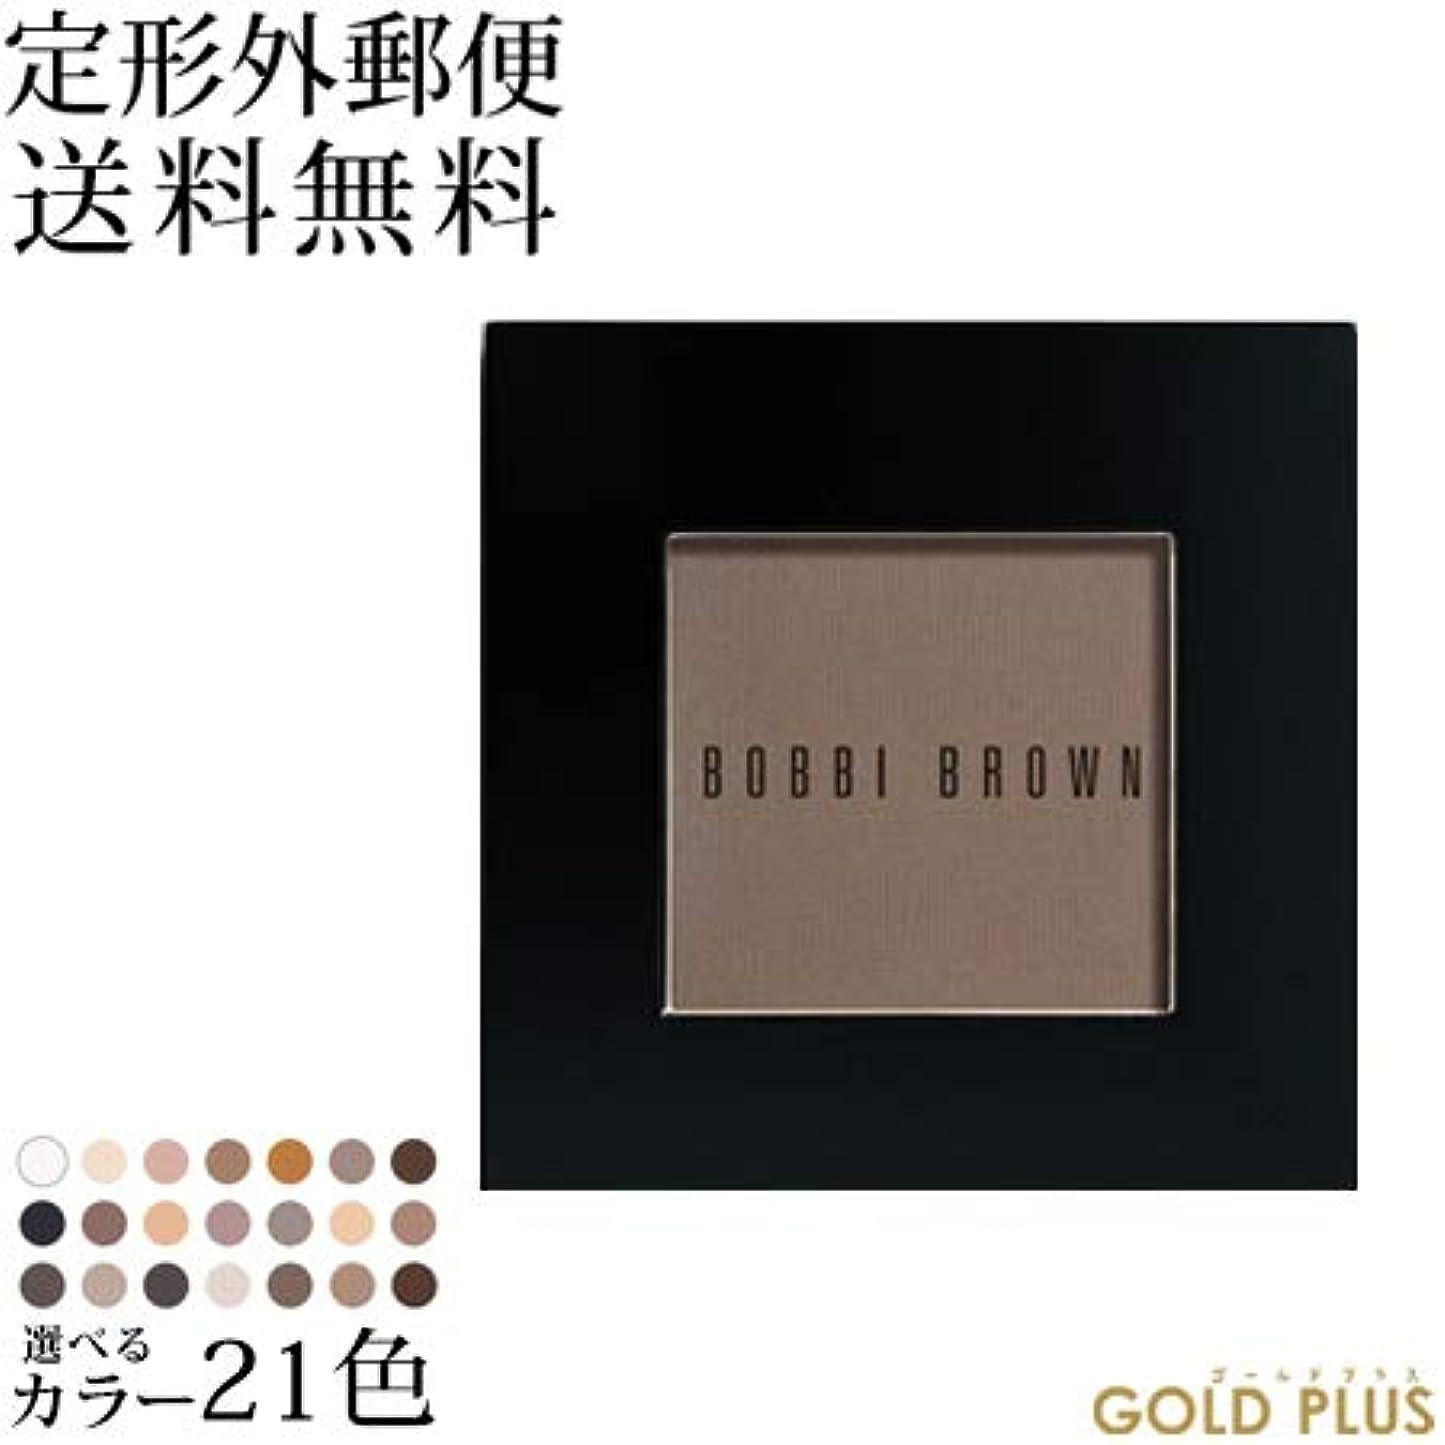 ボビイブラウン アイシャドウ 選べる全21色 -BOBBI BROWN- ヘザー